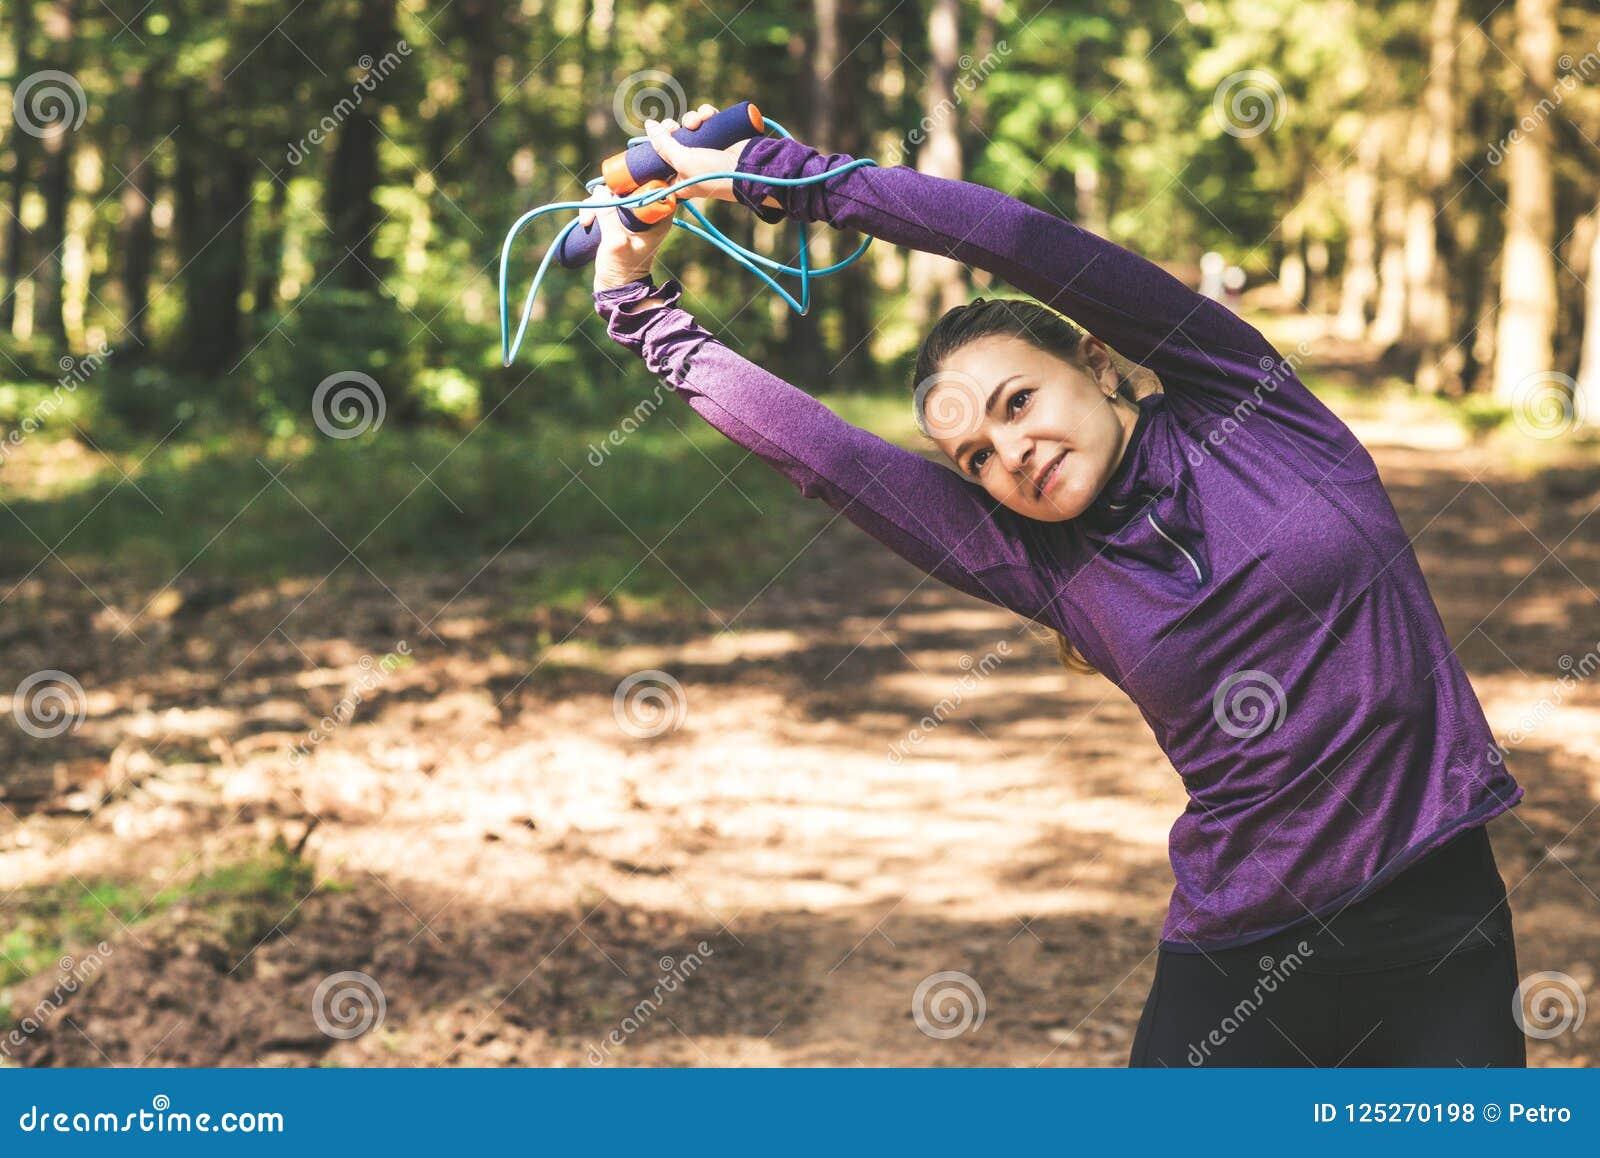 Młoda kobieta jogging ćwiczenia w pogodnym lesie i robi